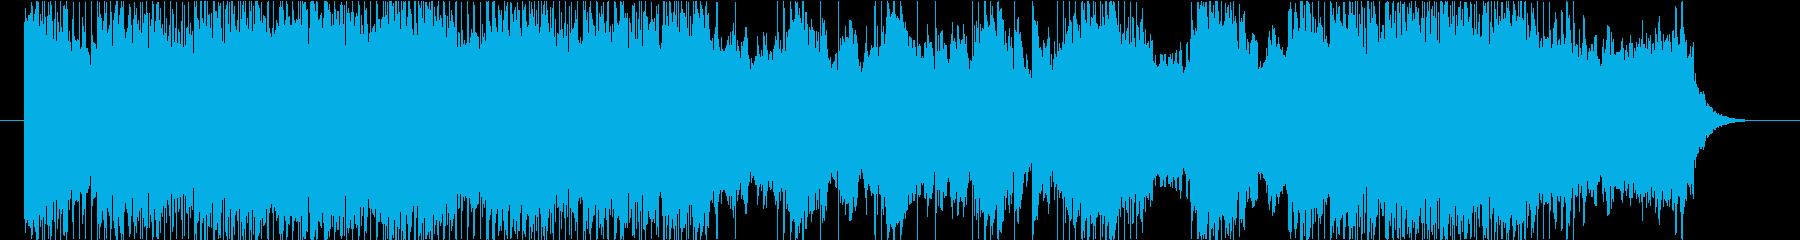 壮大な世界観のファンタジー系BGMの再生済みの波形